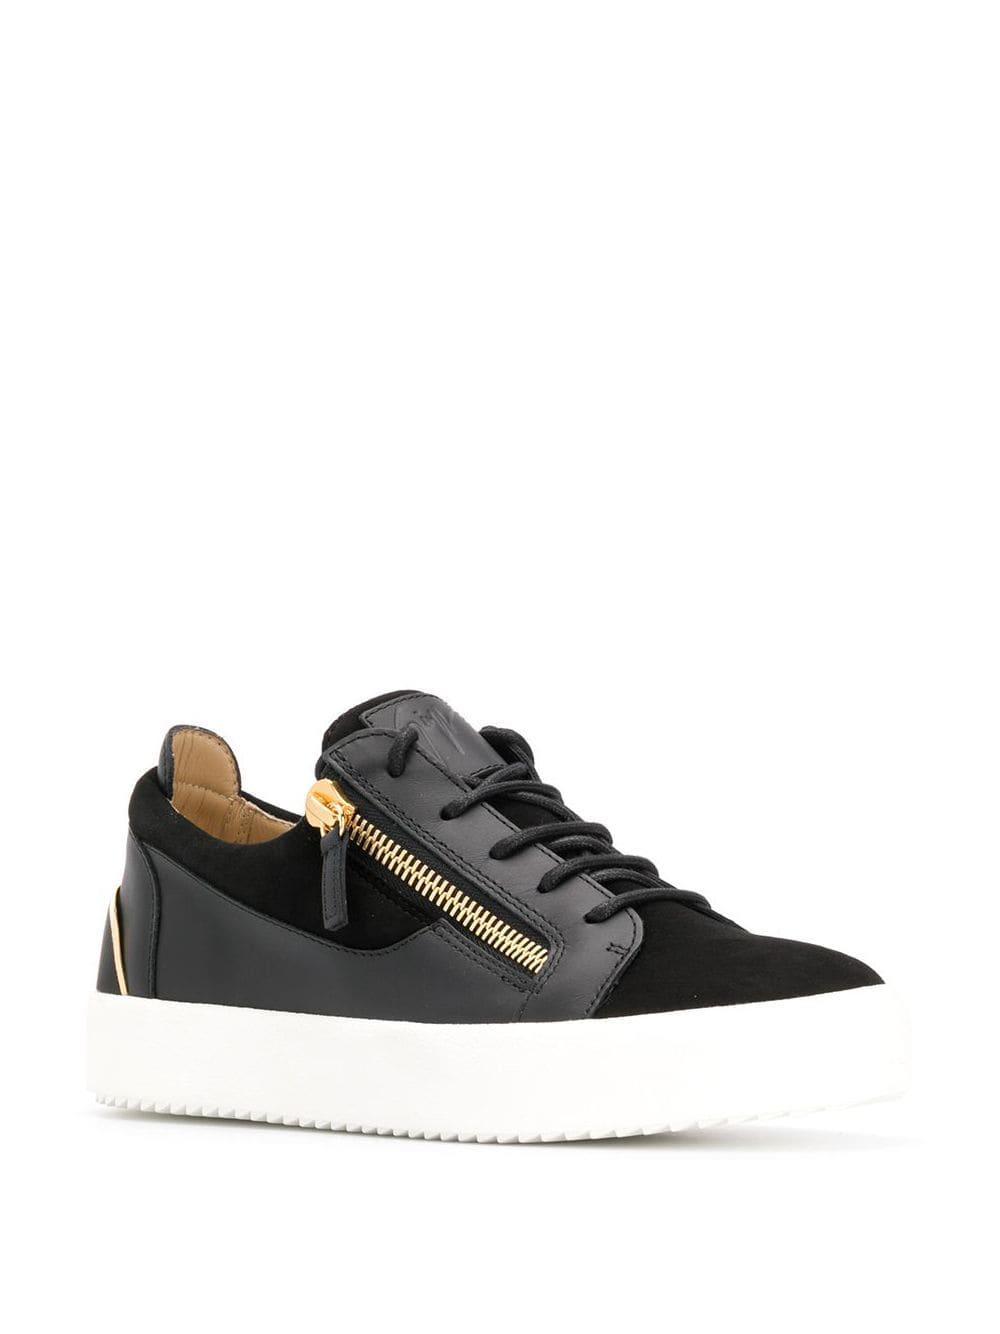 Giuseppe Zanotti Suède Low-top Sneakers in het Zwart voor heren